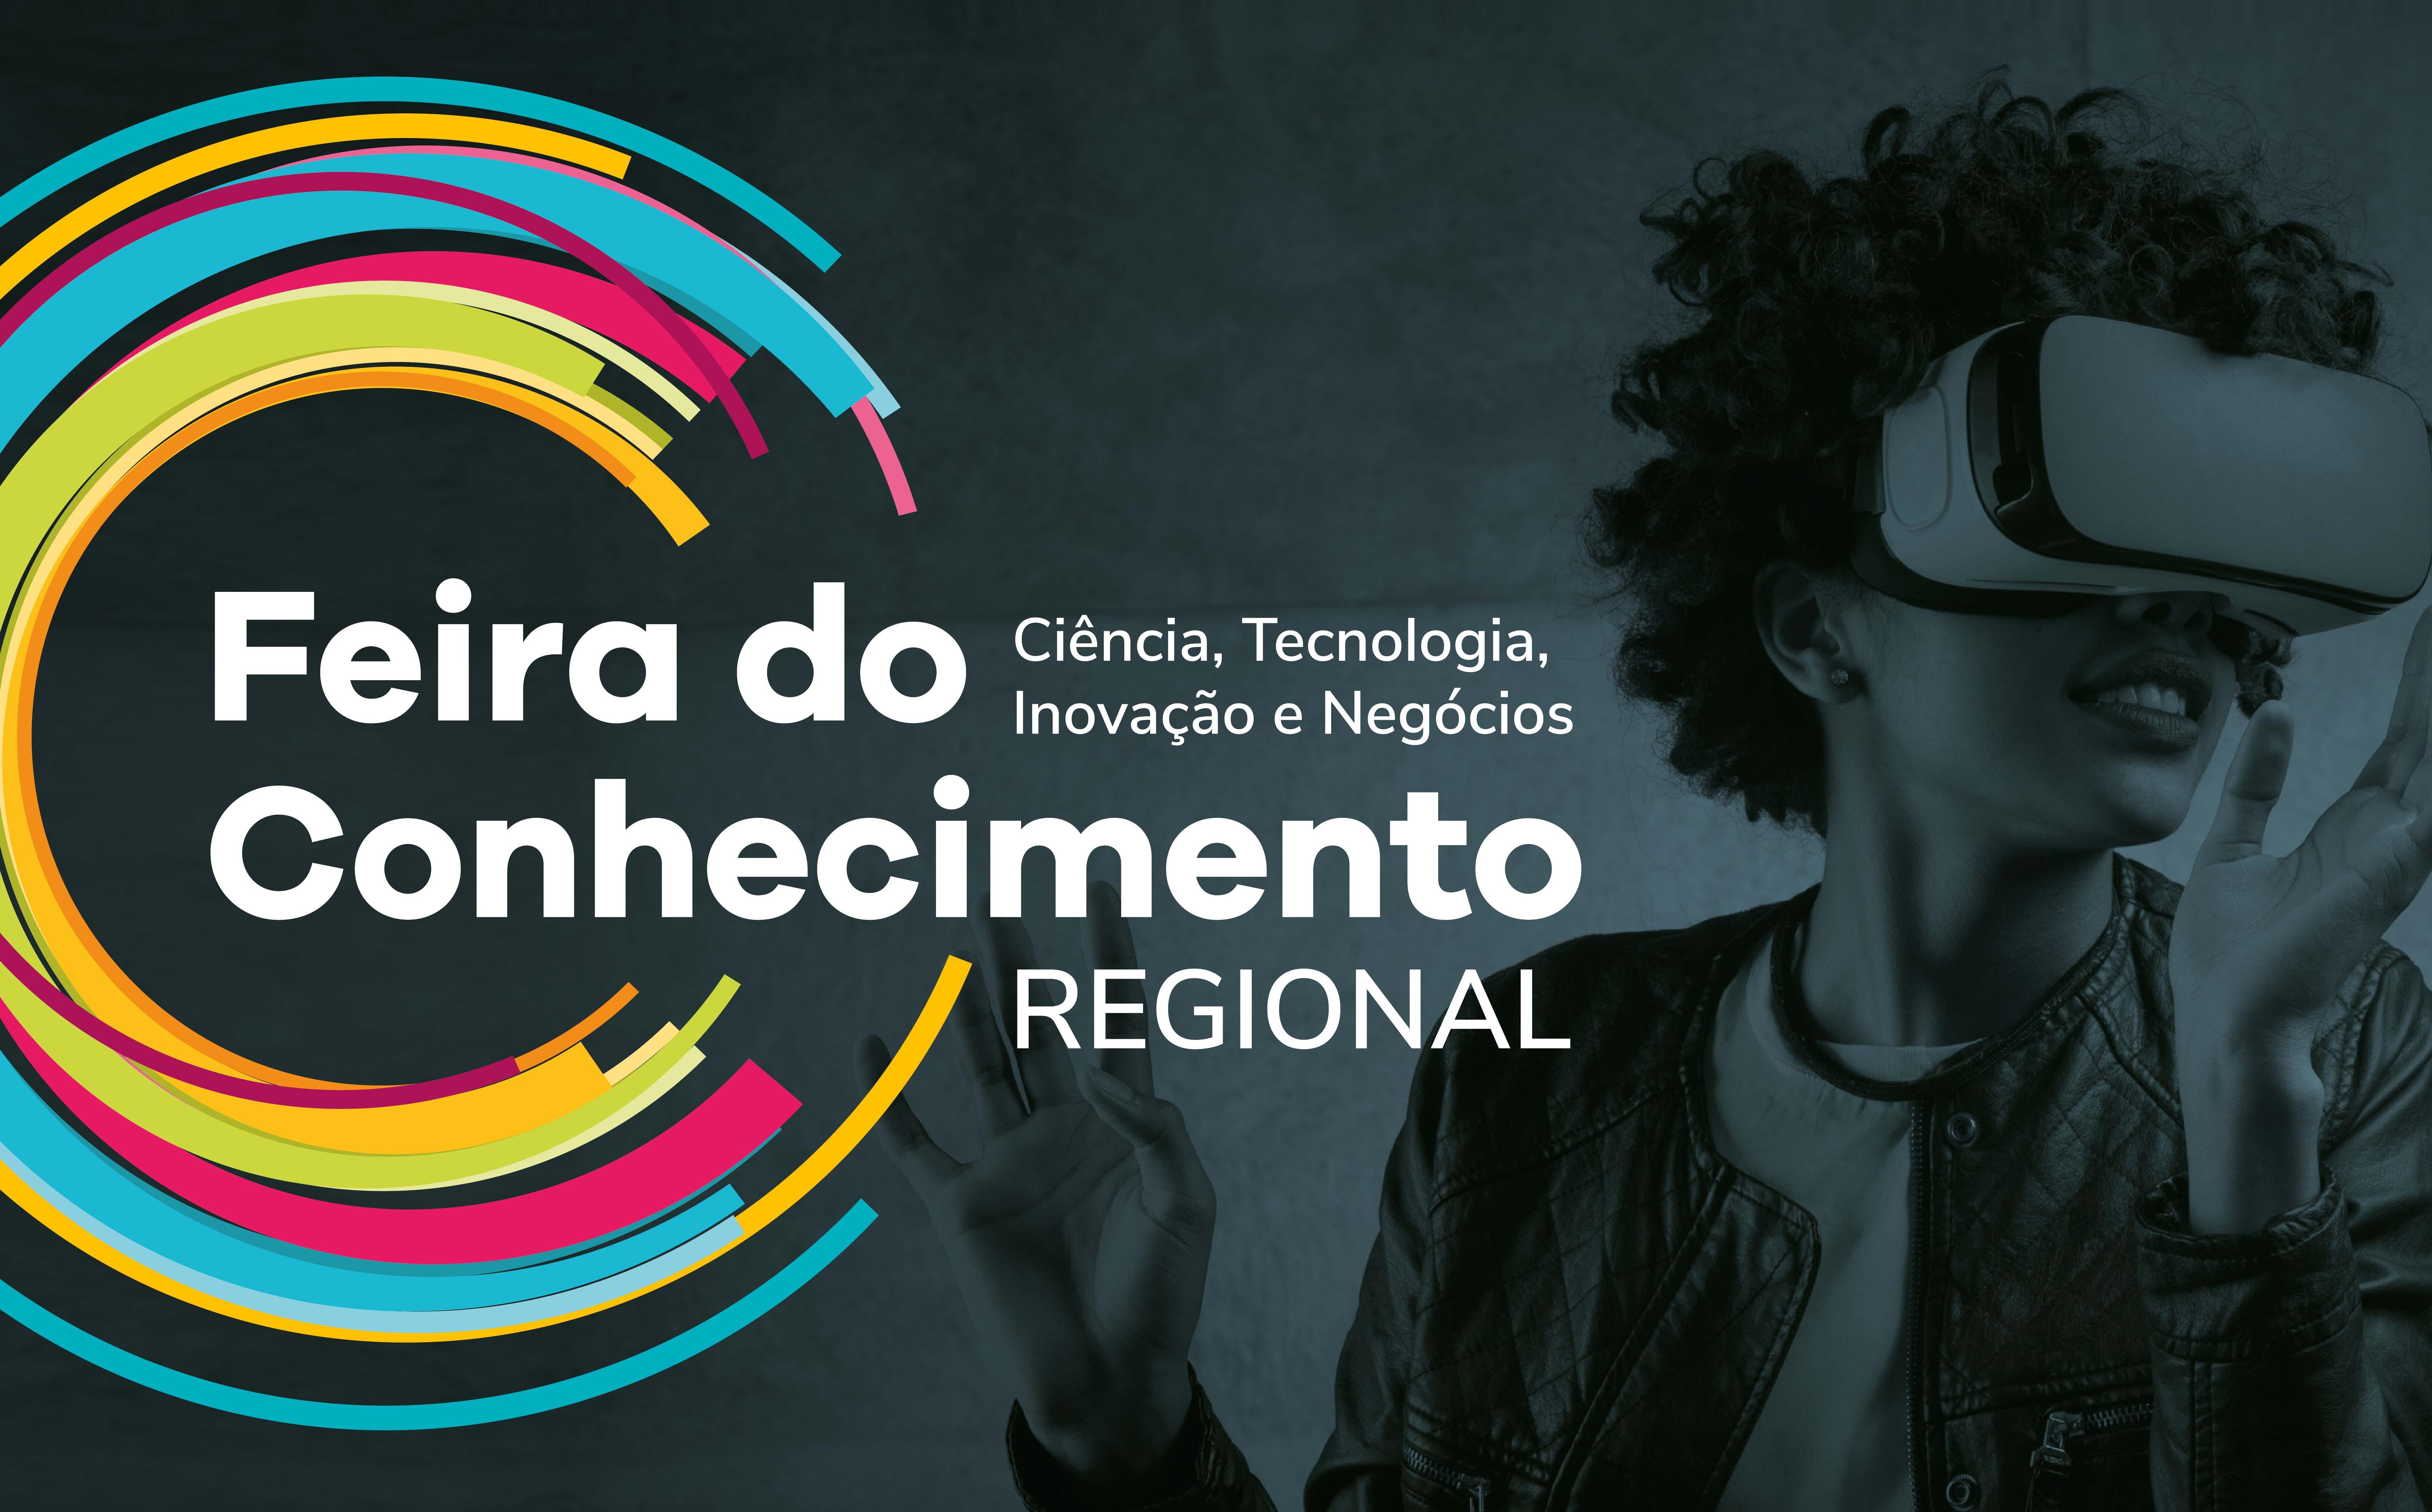 Edição regional: Feira do Conhecimento chega ao Sertão Central cearense